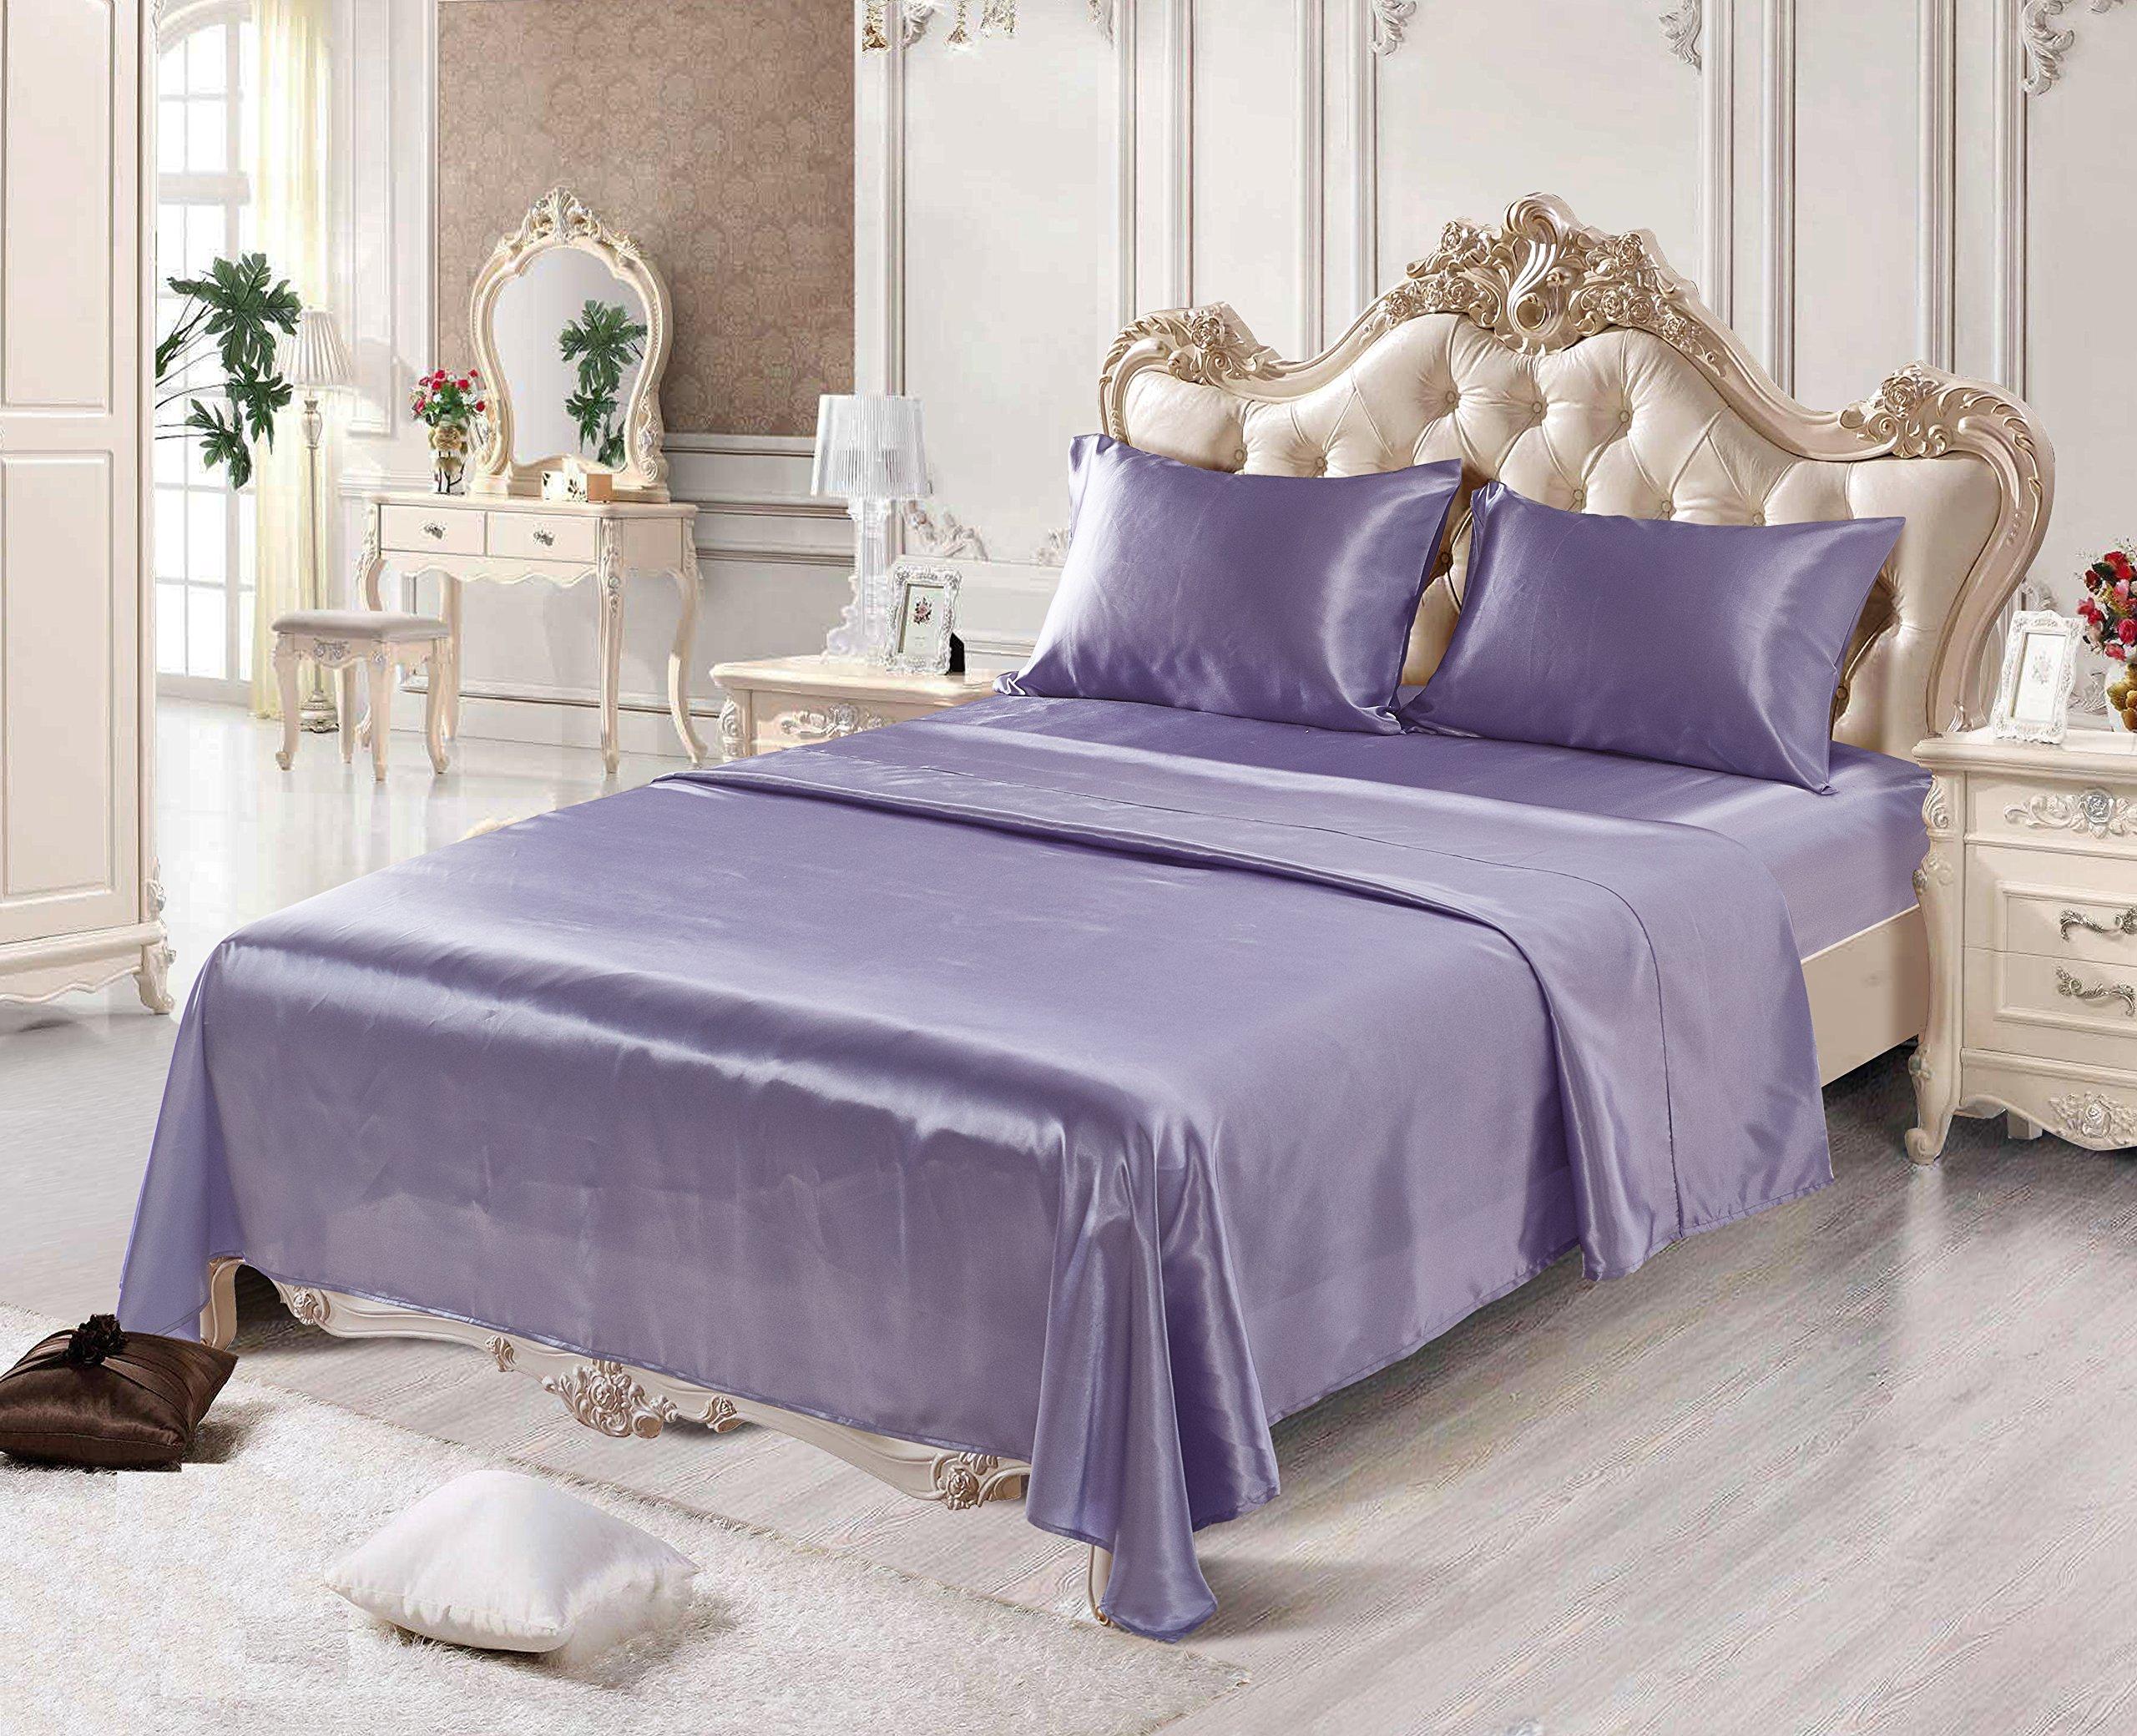 Beddinginn Bedding 4-Piece Queen Bed Sheet Set Polyester Silk Deep Pockets Fitted Sheet Set 1pcs Fitted Sheet +1pcs Flat Sheet+2pcs Pillowcase(Purple)